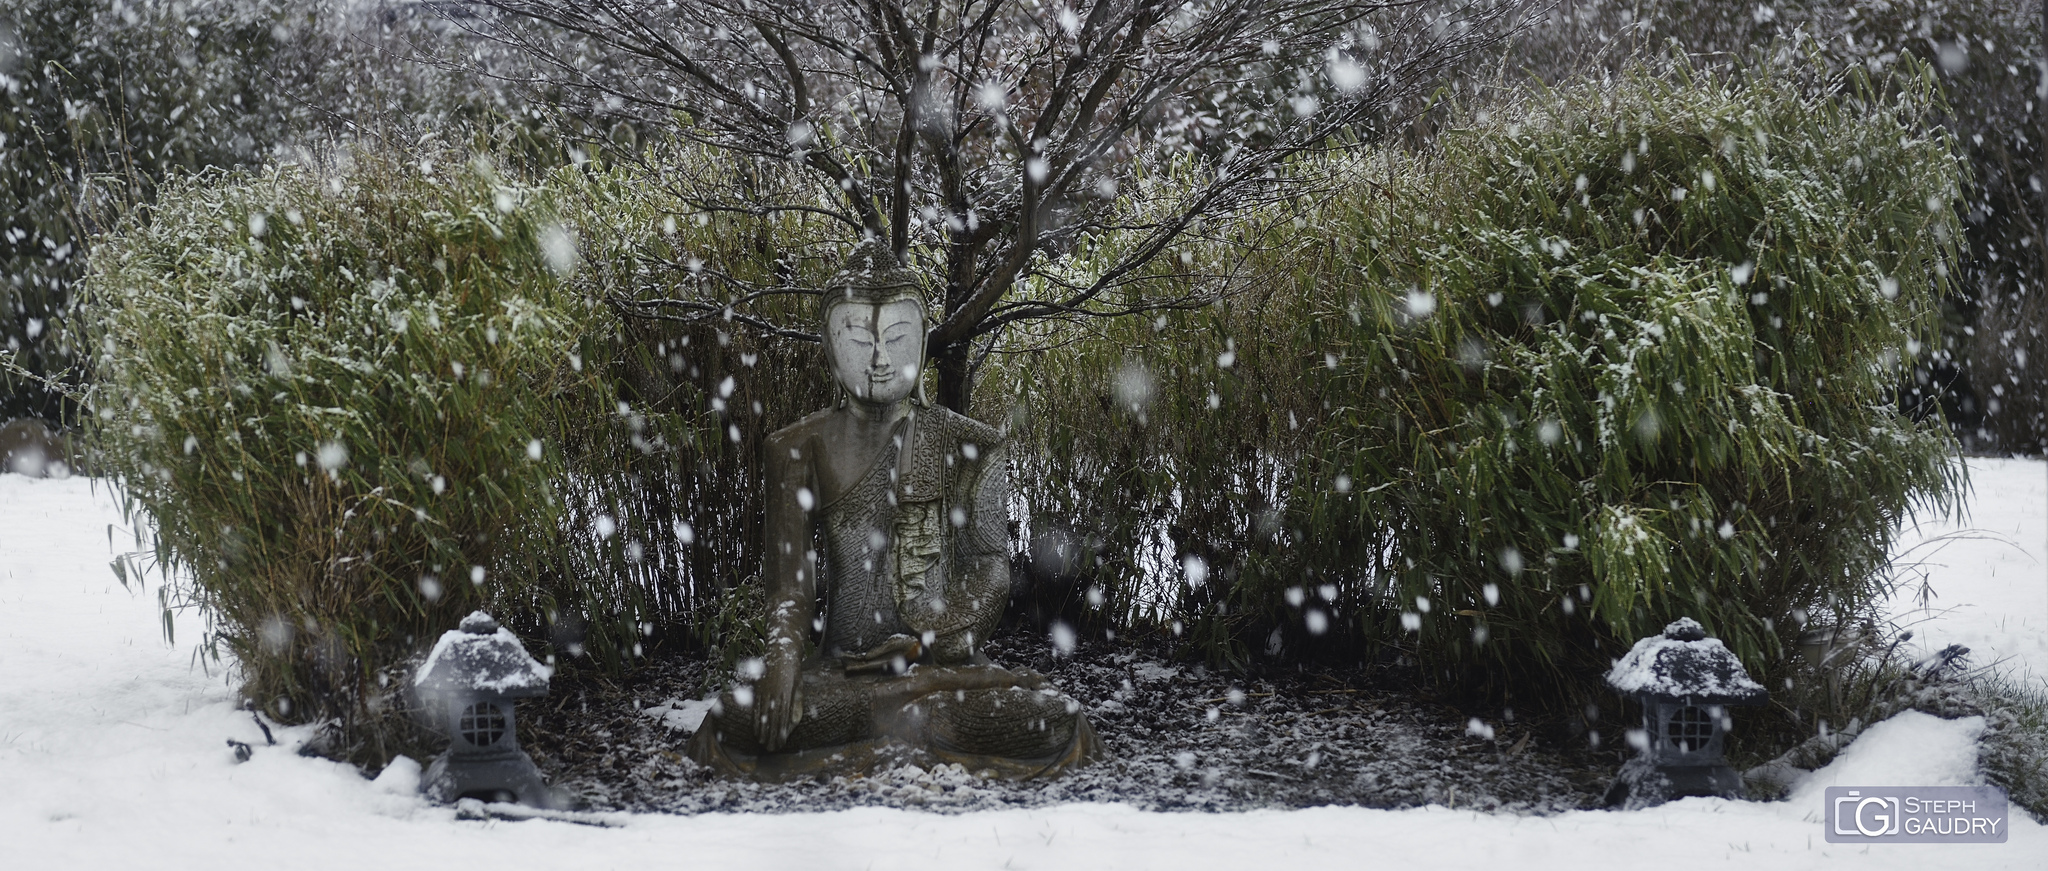 Méditation sous la neige [Click to start slideshow]